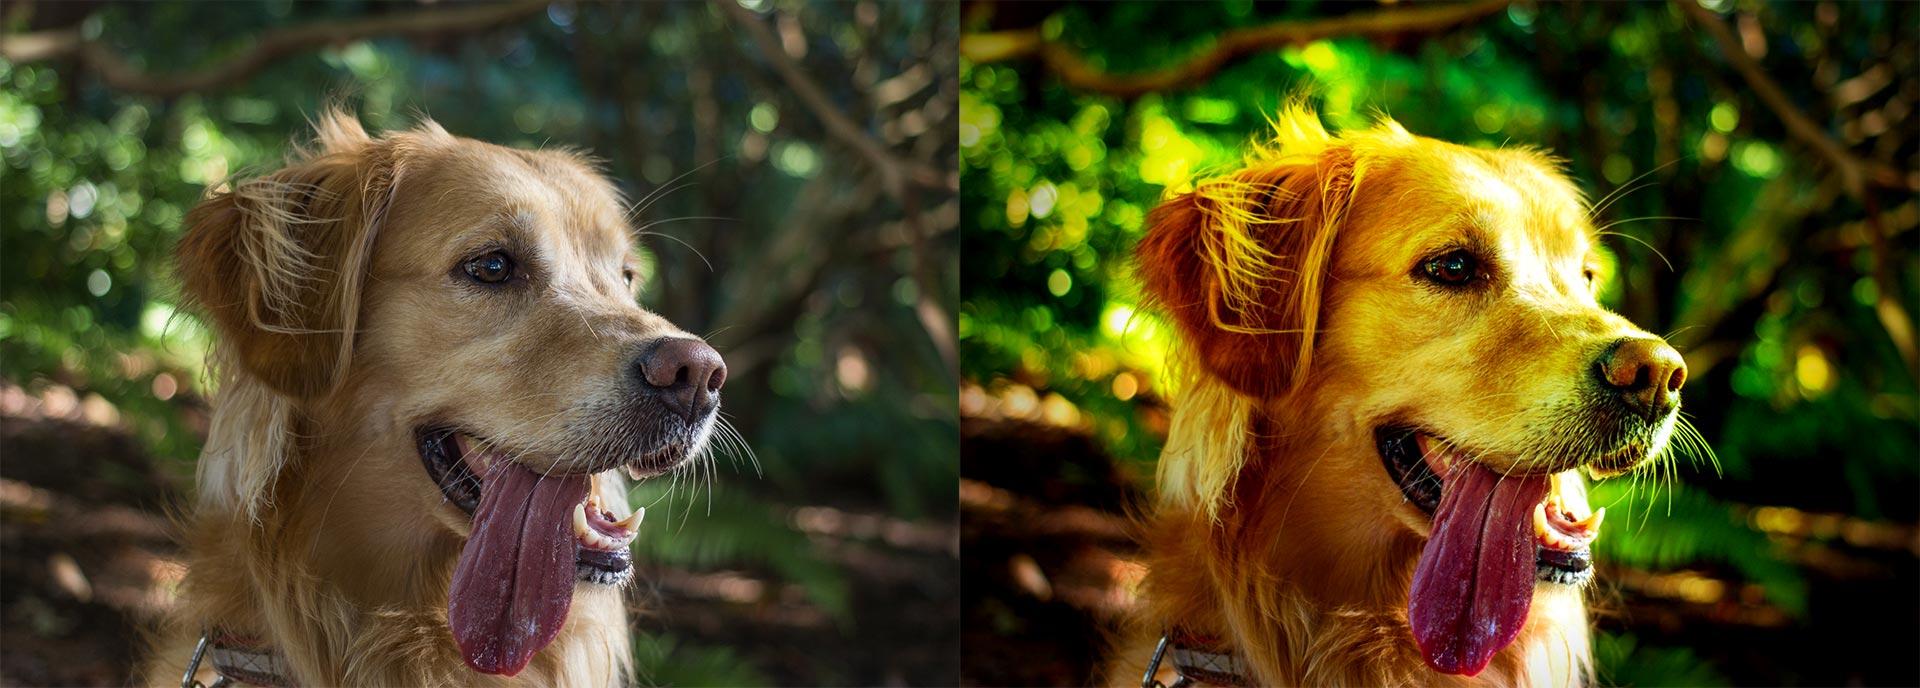 Un chien, l'original à gauche, l'effet lomographie à droite.